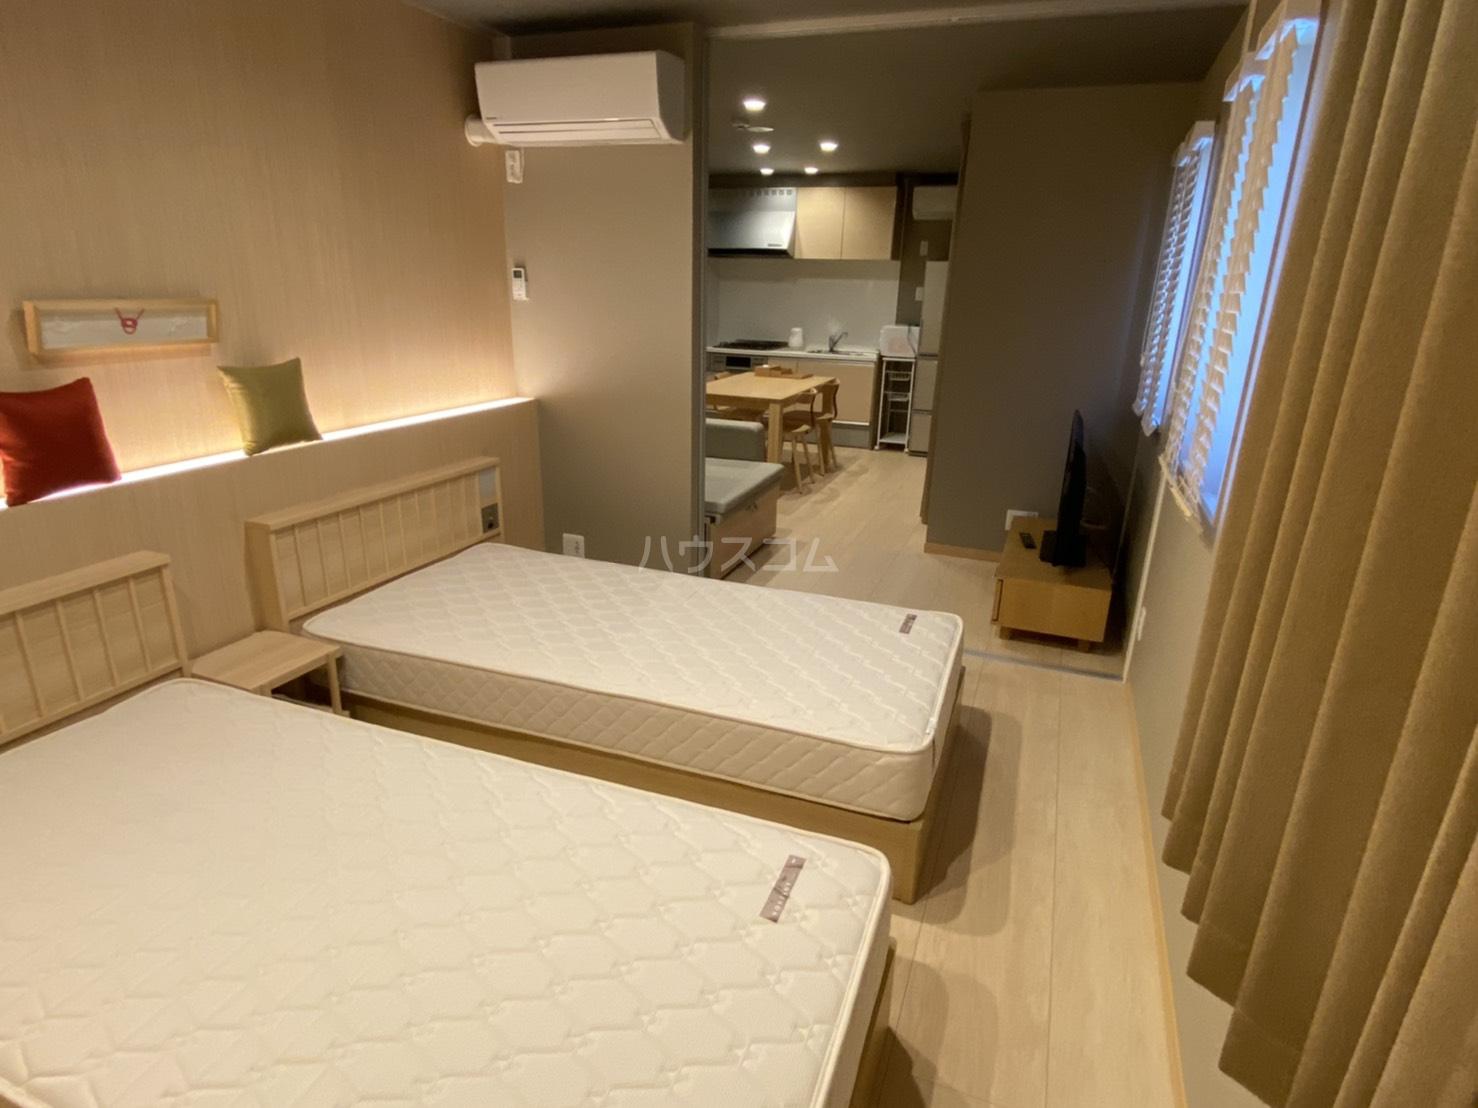 サンライズ西ノ京 401号室のベッドルーム